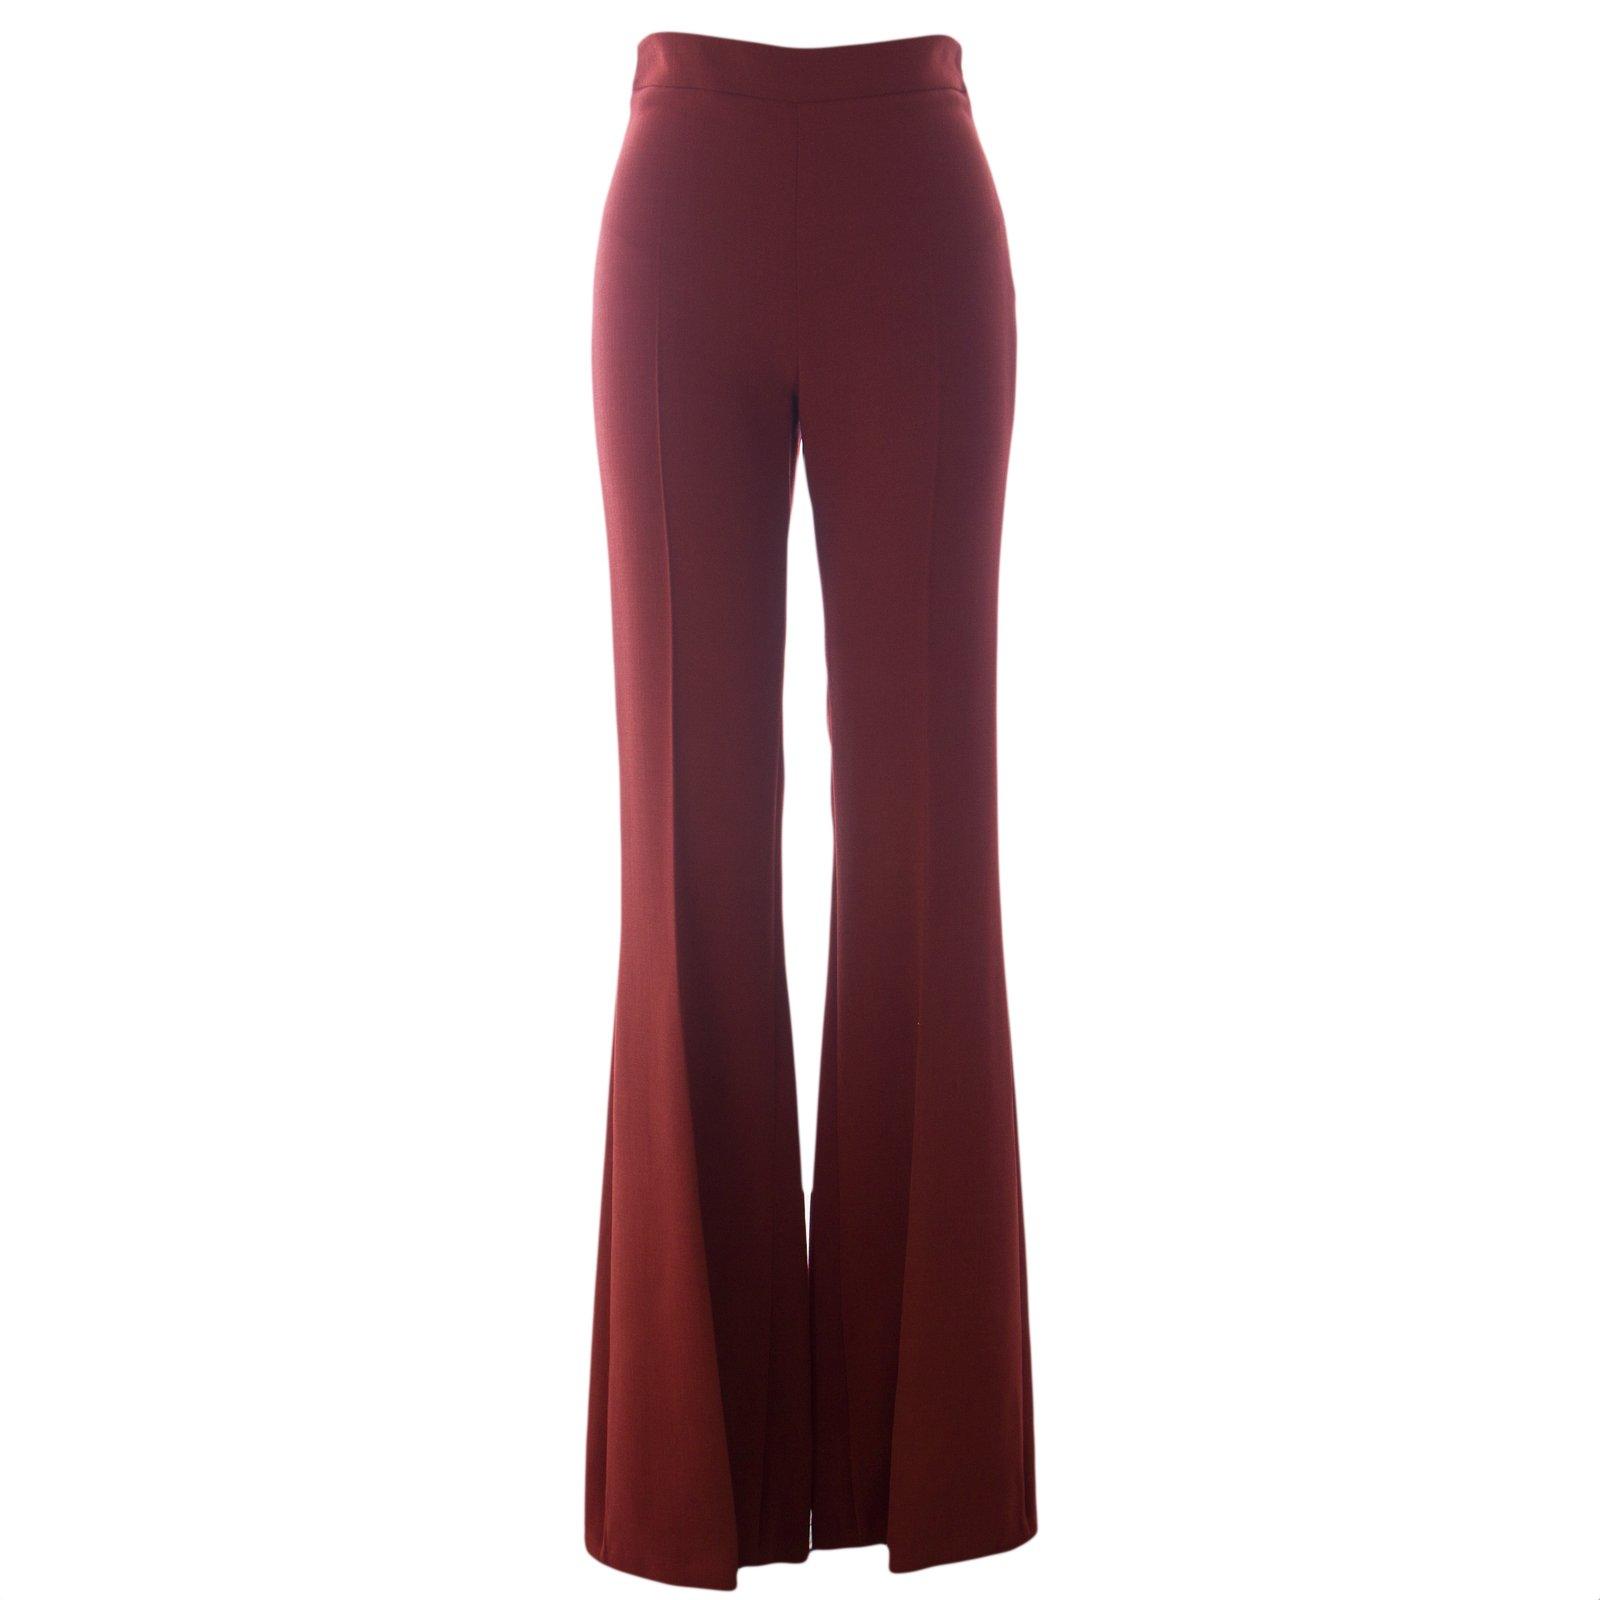 Atelier Max Mara Women's Dilly Wide Leg Trousers Sz 2 Rust